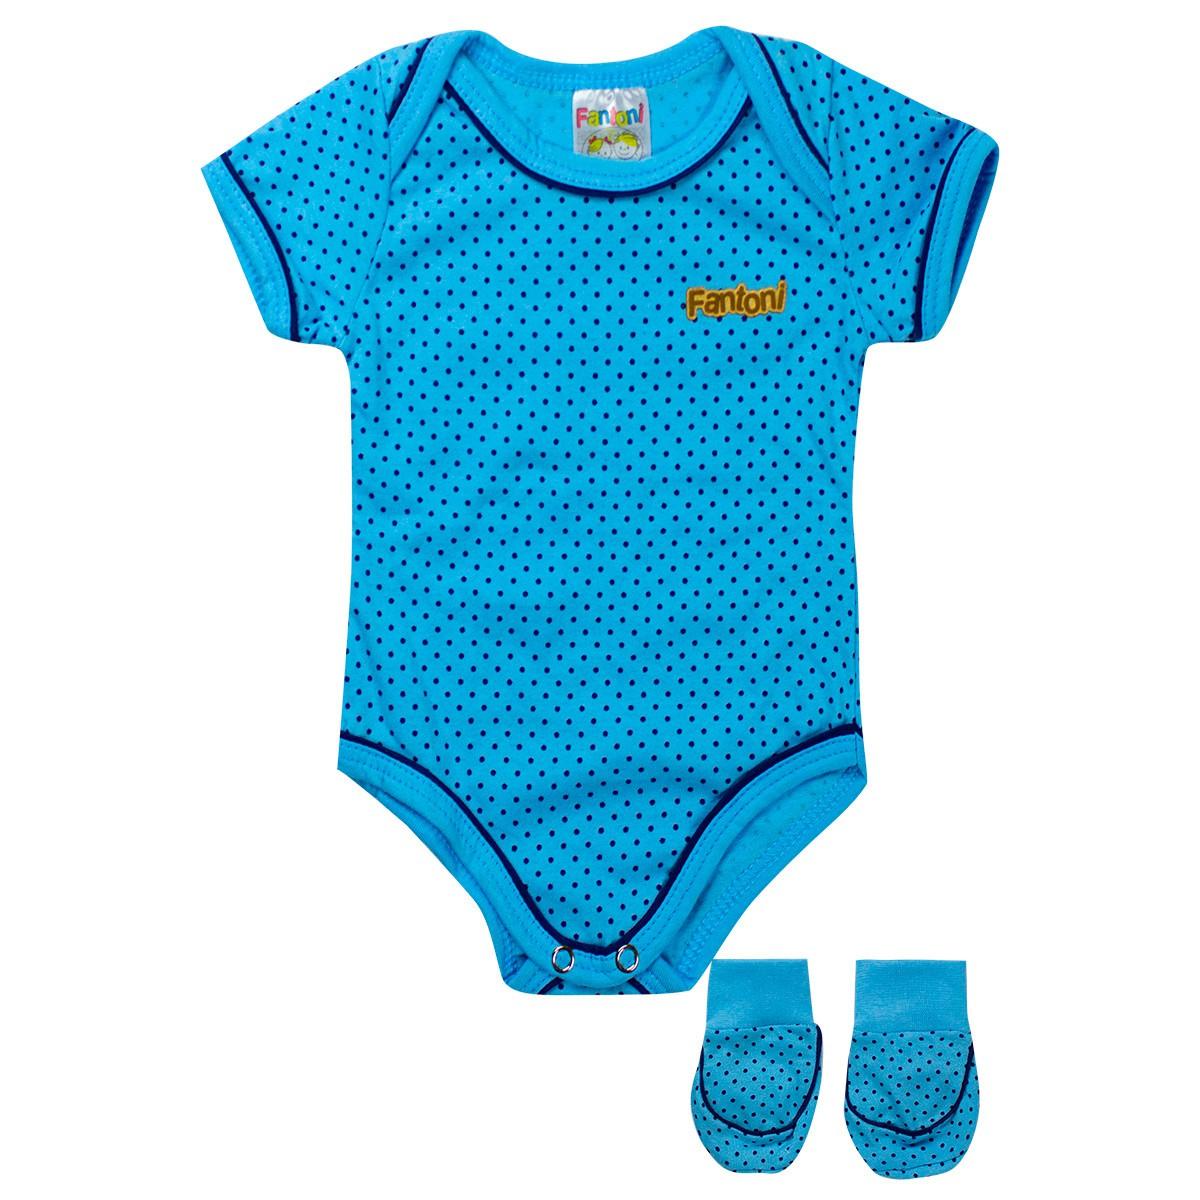 Body Infantil Bebê Menino Com Sapatinho Azul - Fantoni